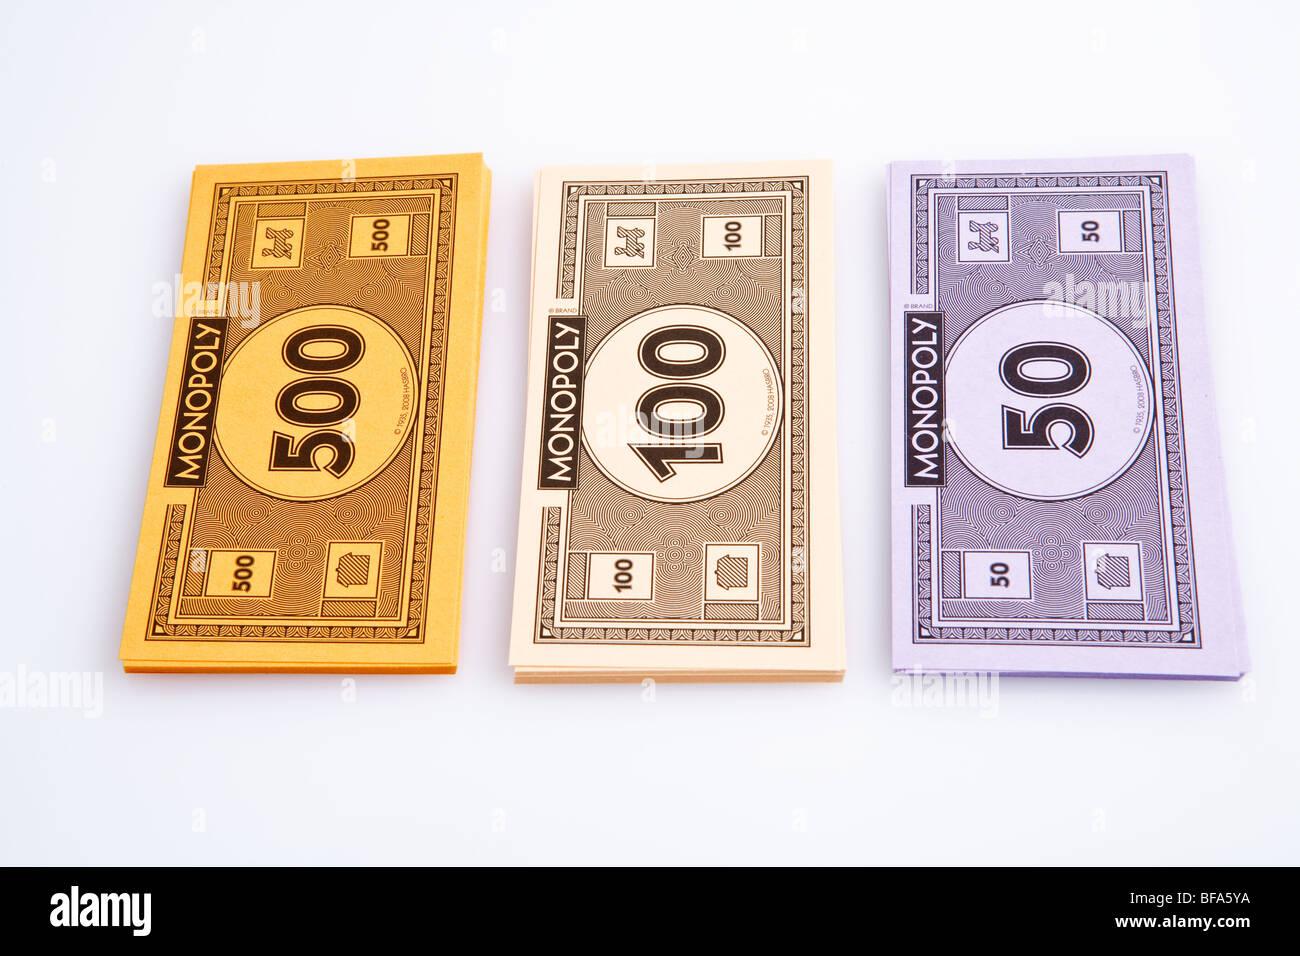 Monopoly Money - Stock Image